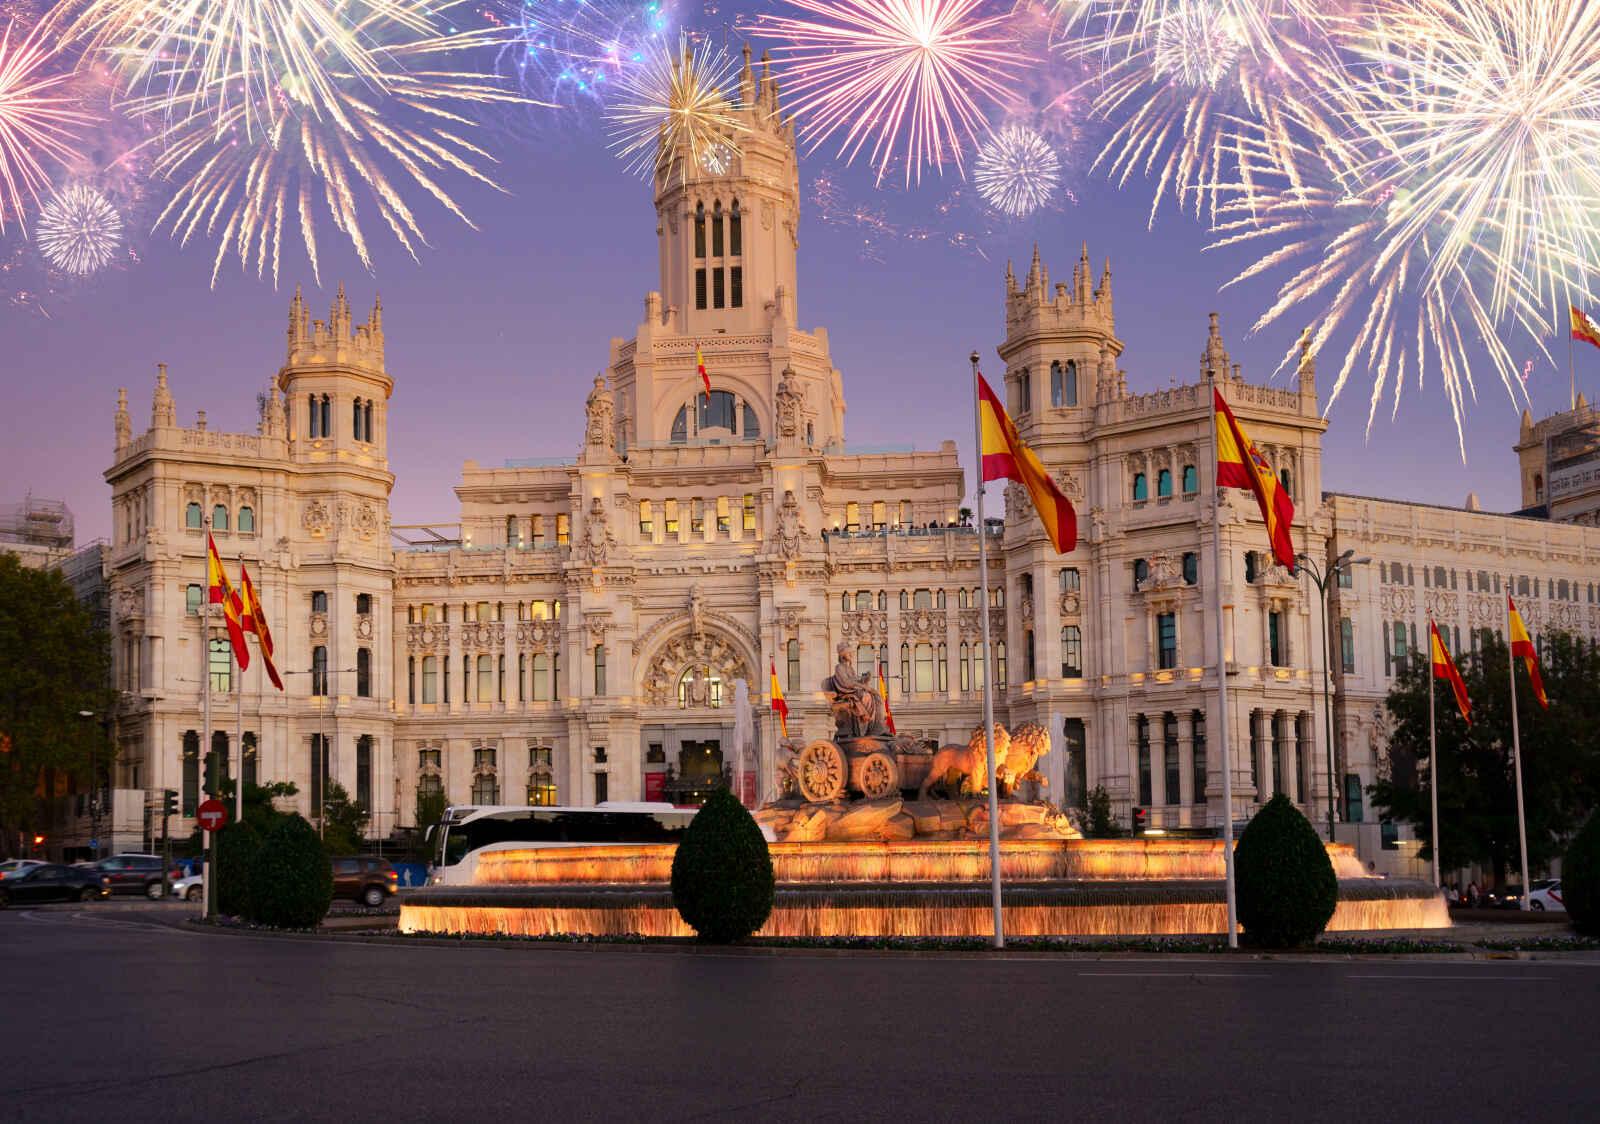 Séjour Madrid - Madrid, art et histoire - spécial Nouvel An